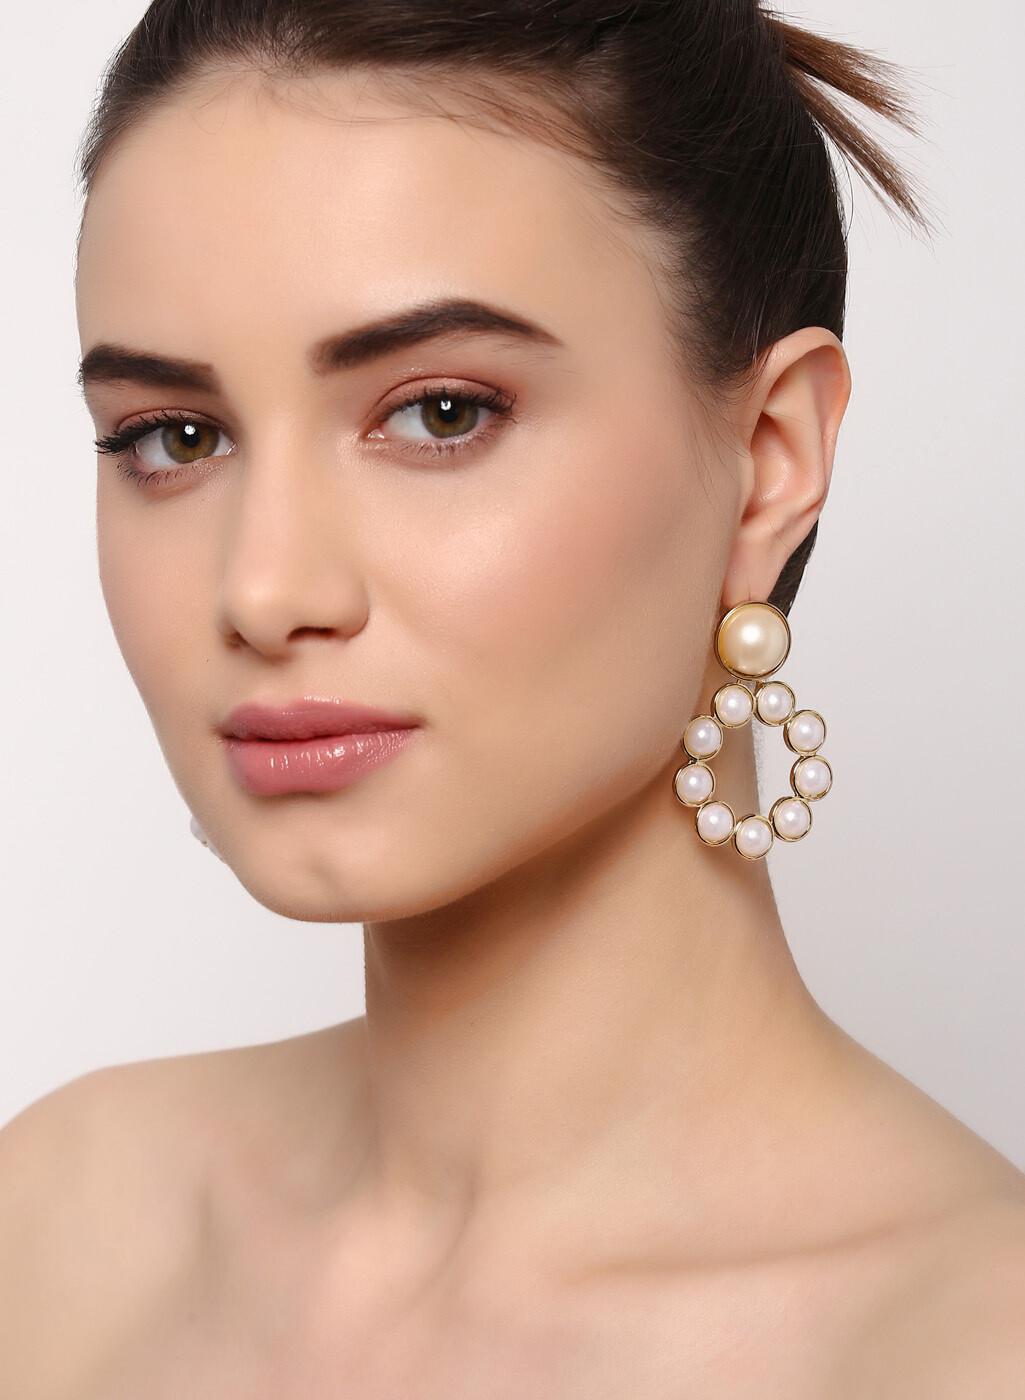 Estele Pearl On Pearl Earrings